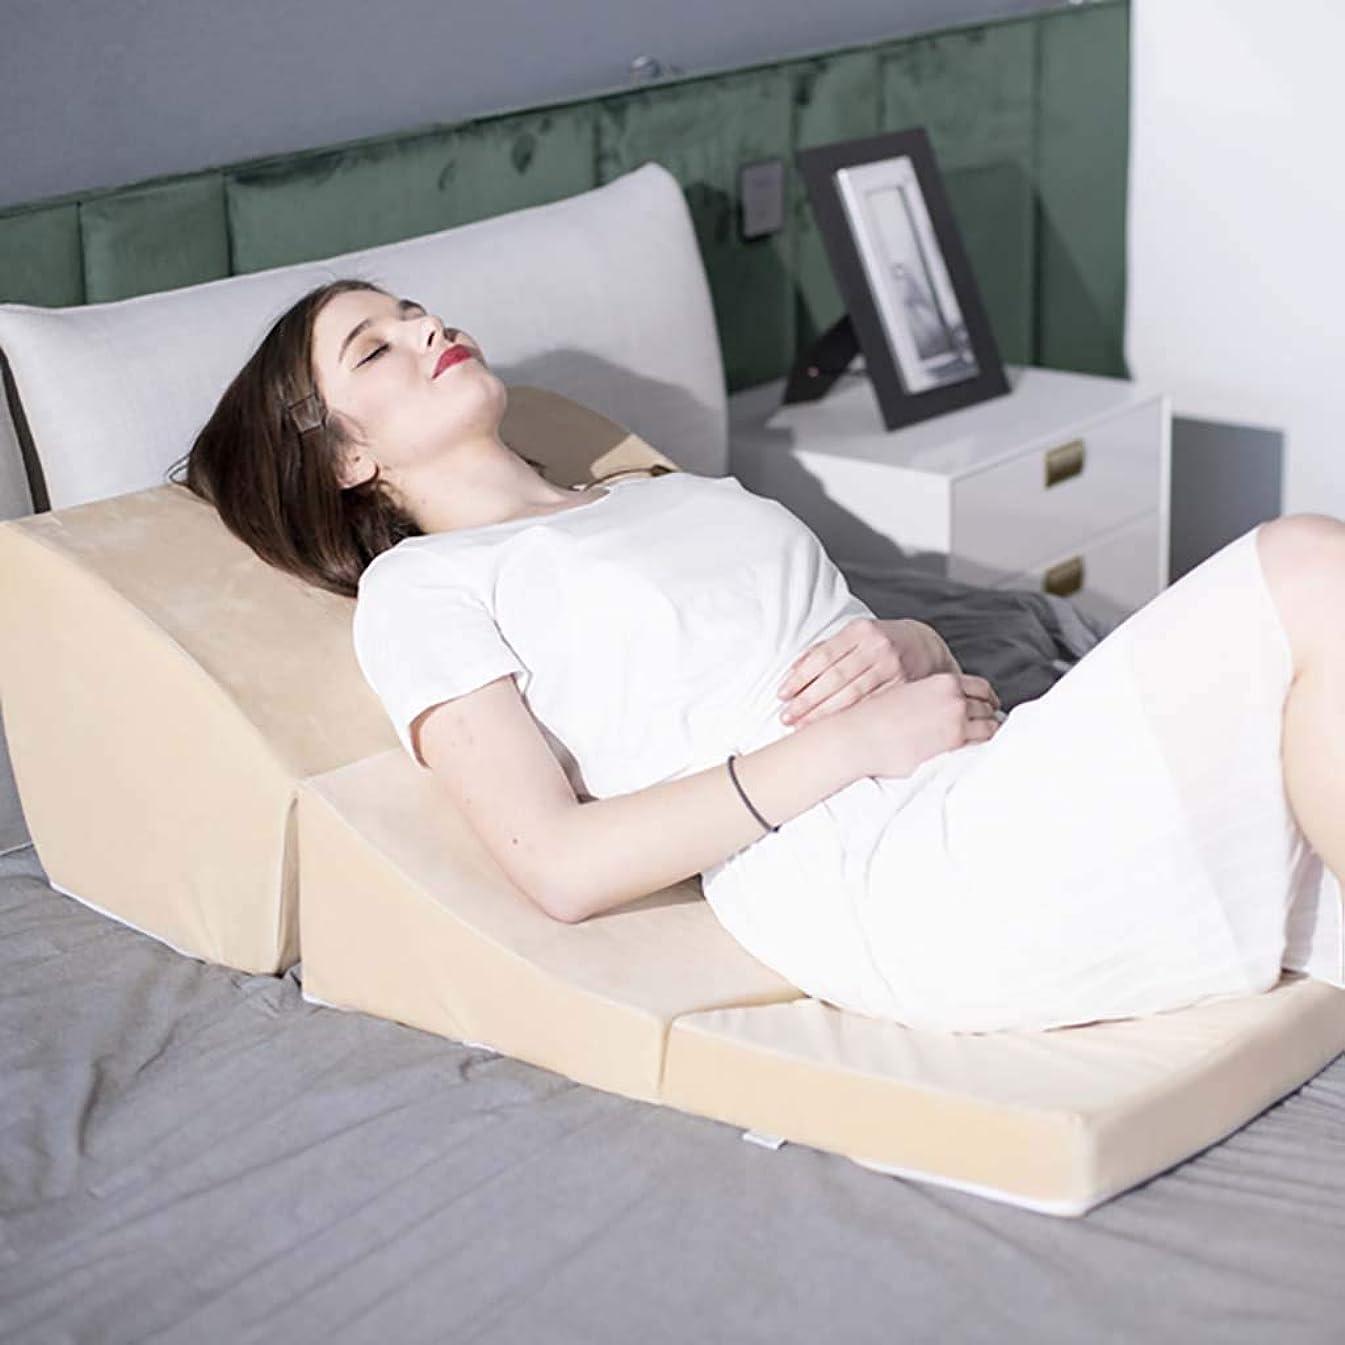 パウダーどこでも成熟した折りたたみ ウェッジ枕,メモリ 泡 枕,首と背中の痛みを軽減 いびき 酸還流と 呼吸 睡眠のため 読ん 残りの部分 標高-e